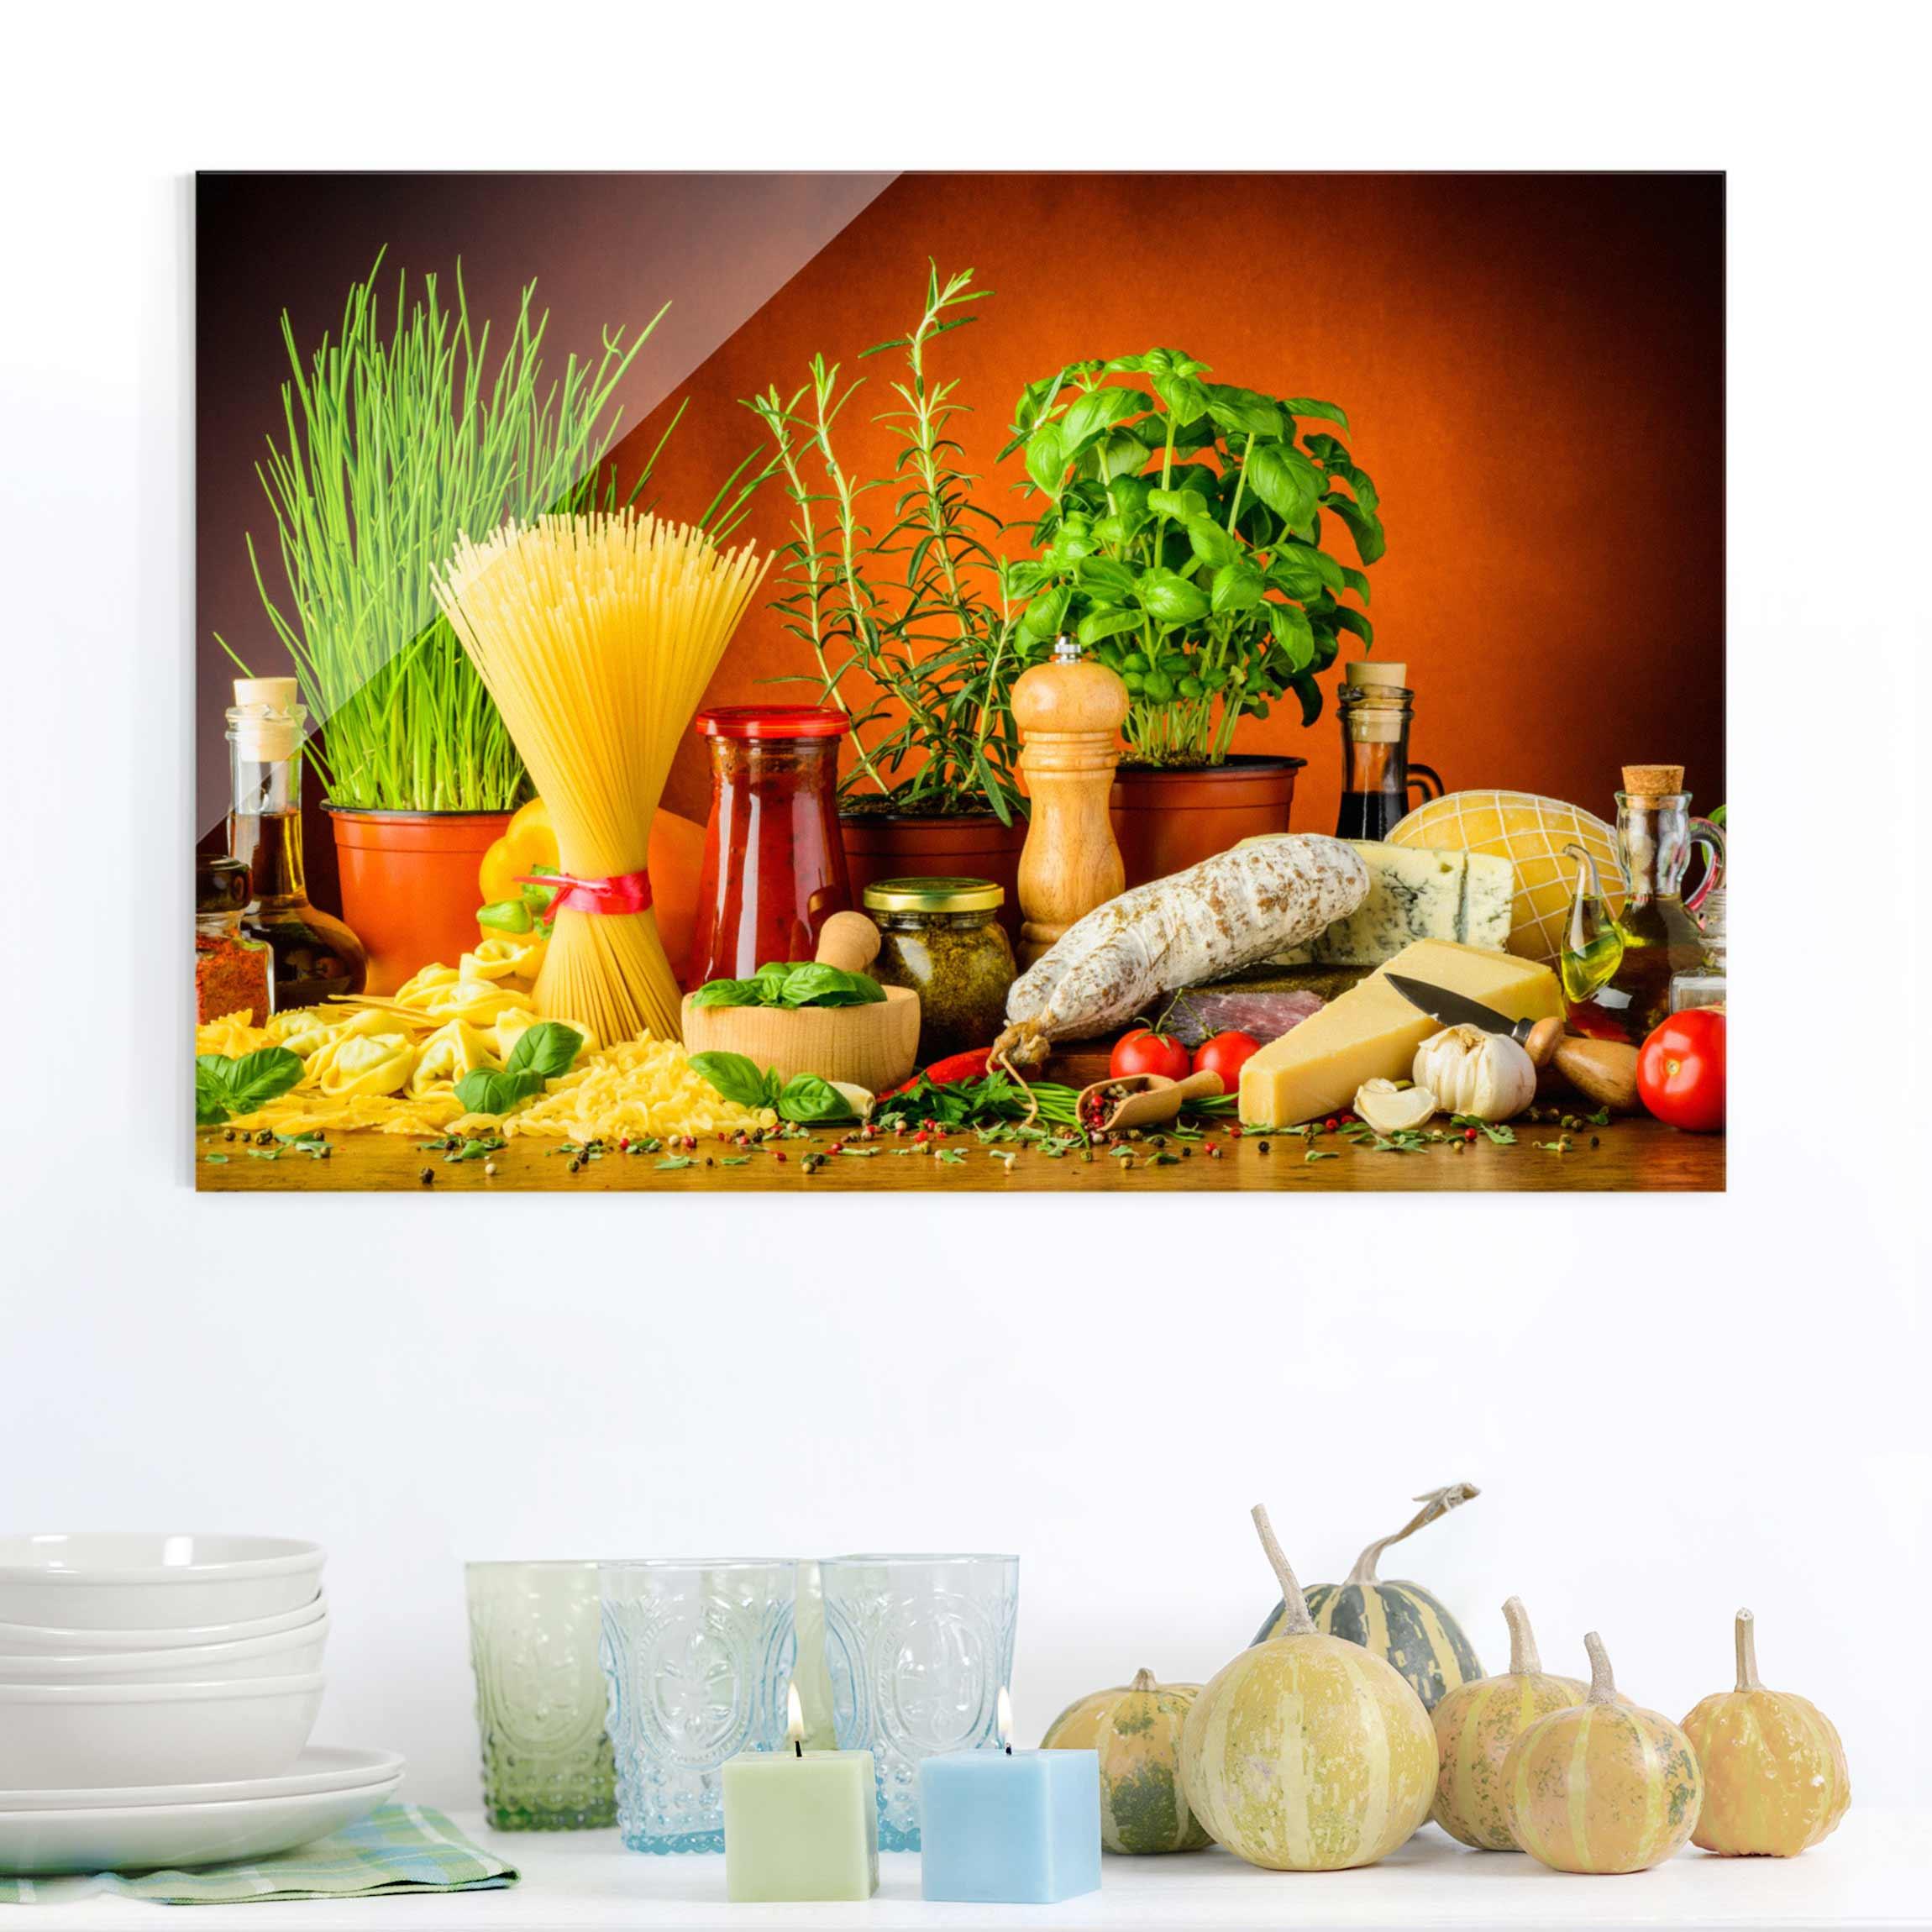 Glasbild Küche | Glasbild Lovely Lavender I Shophit Serie 15x15cm ...